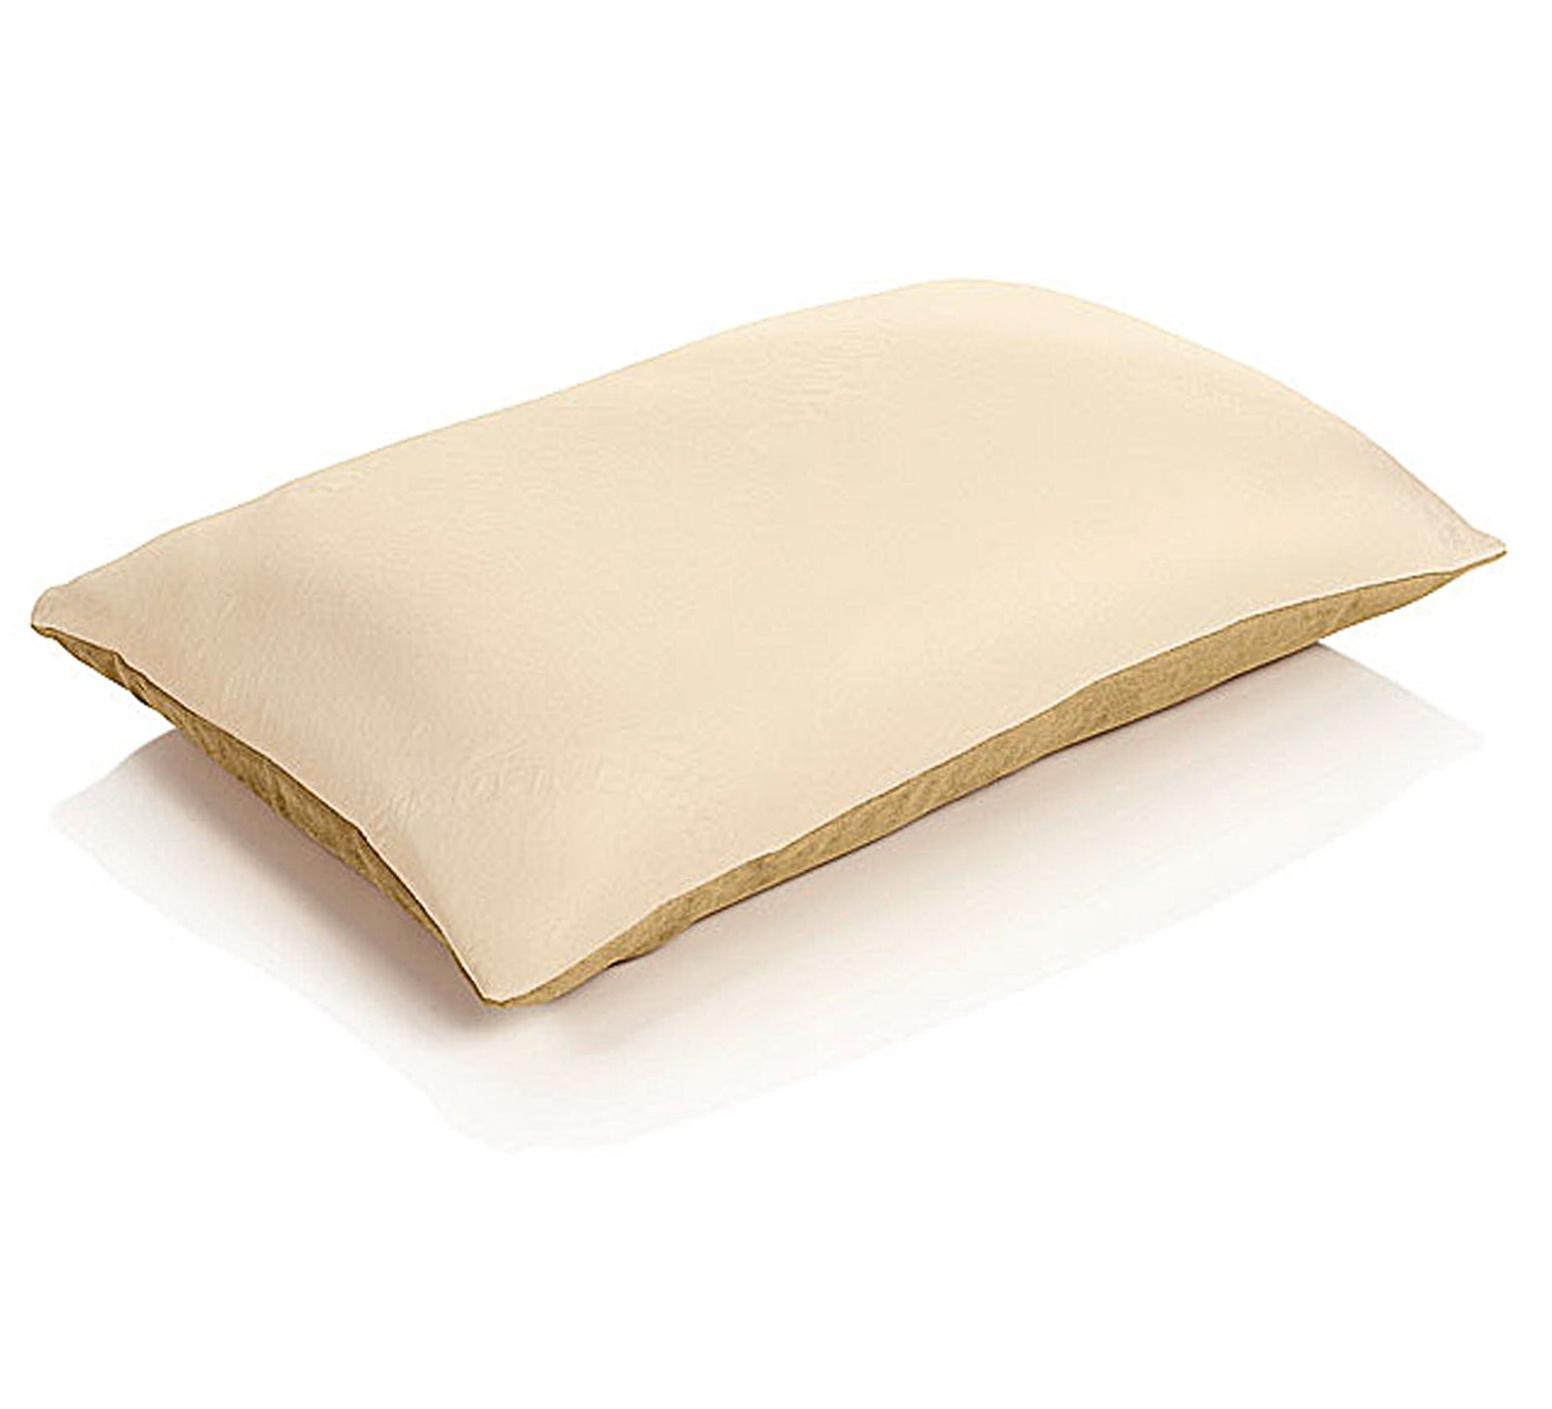 Tempur Pedic Seat Cushion Reviews